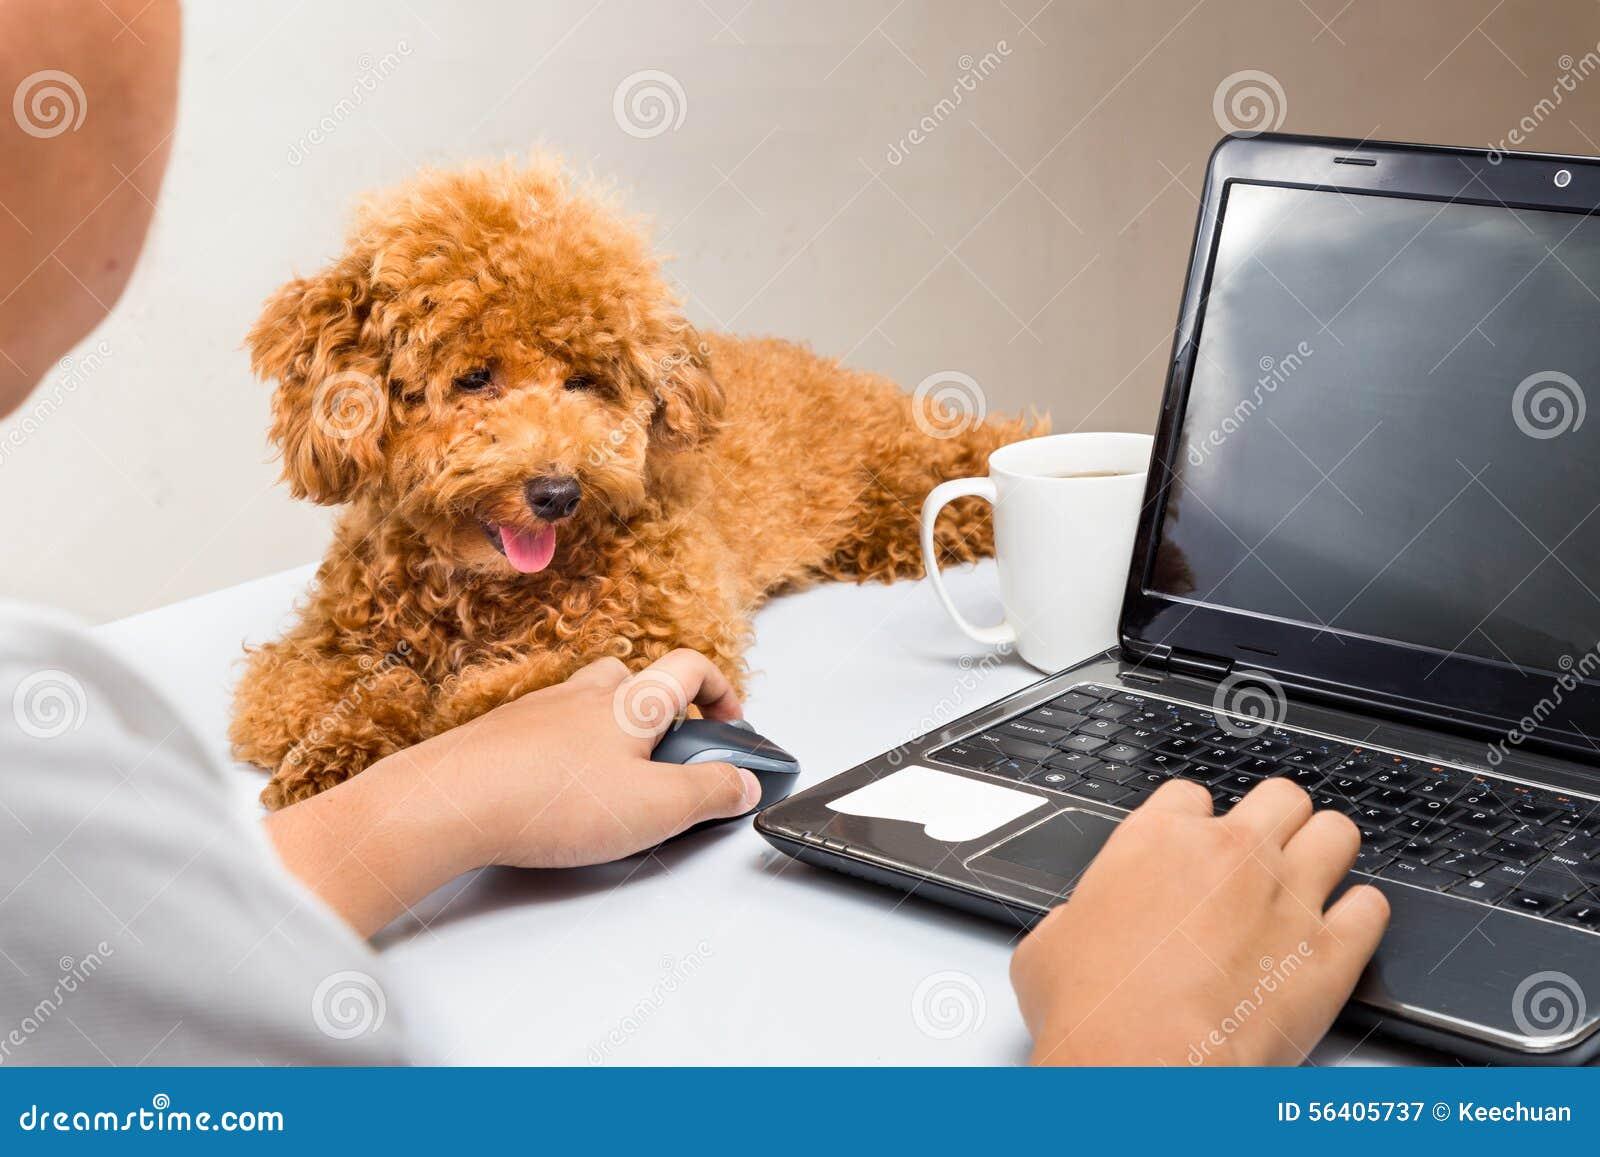 Il cucciolo sveglio del barboncino accompagna la persona che lavora con il computer portatile sulla scrivania